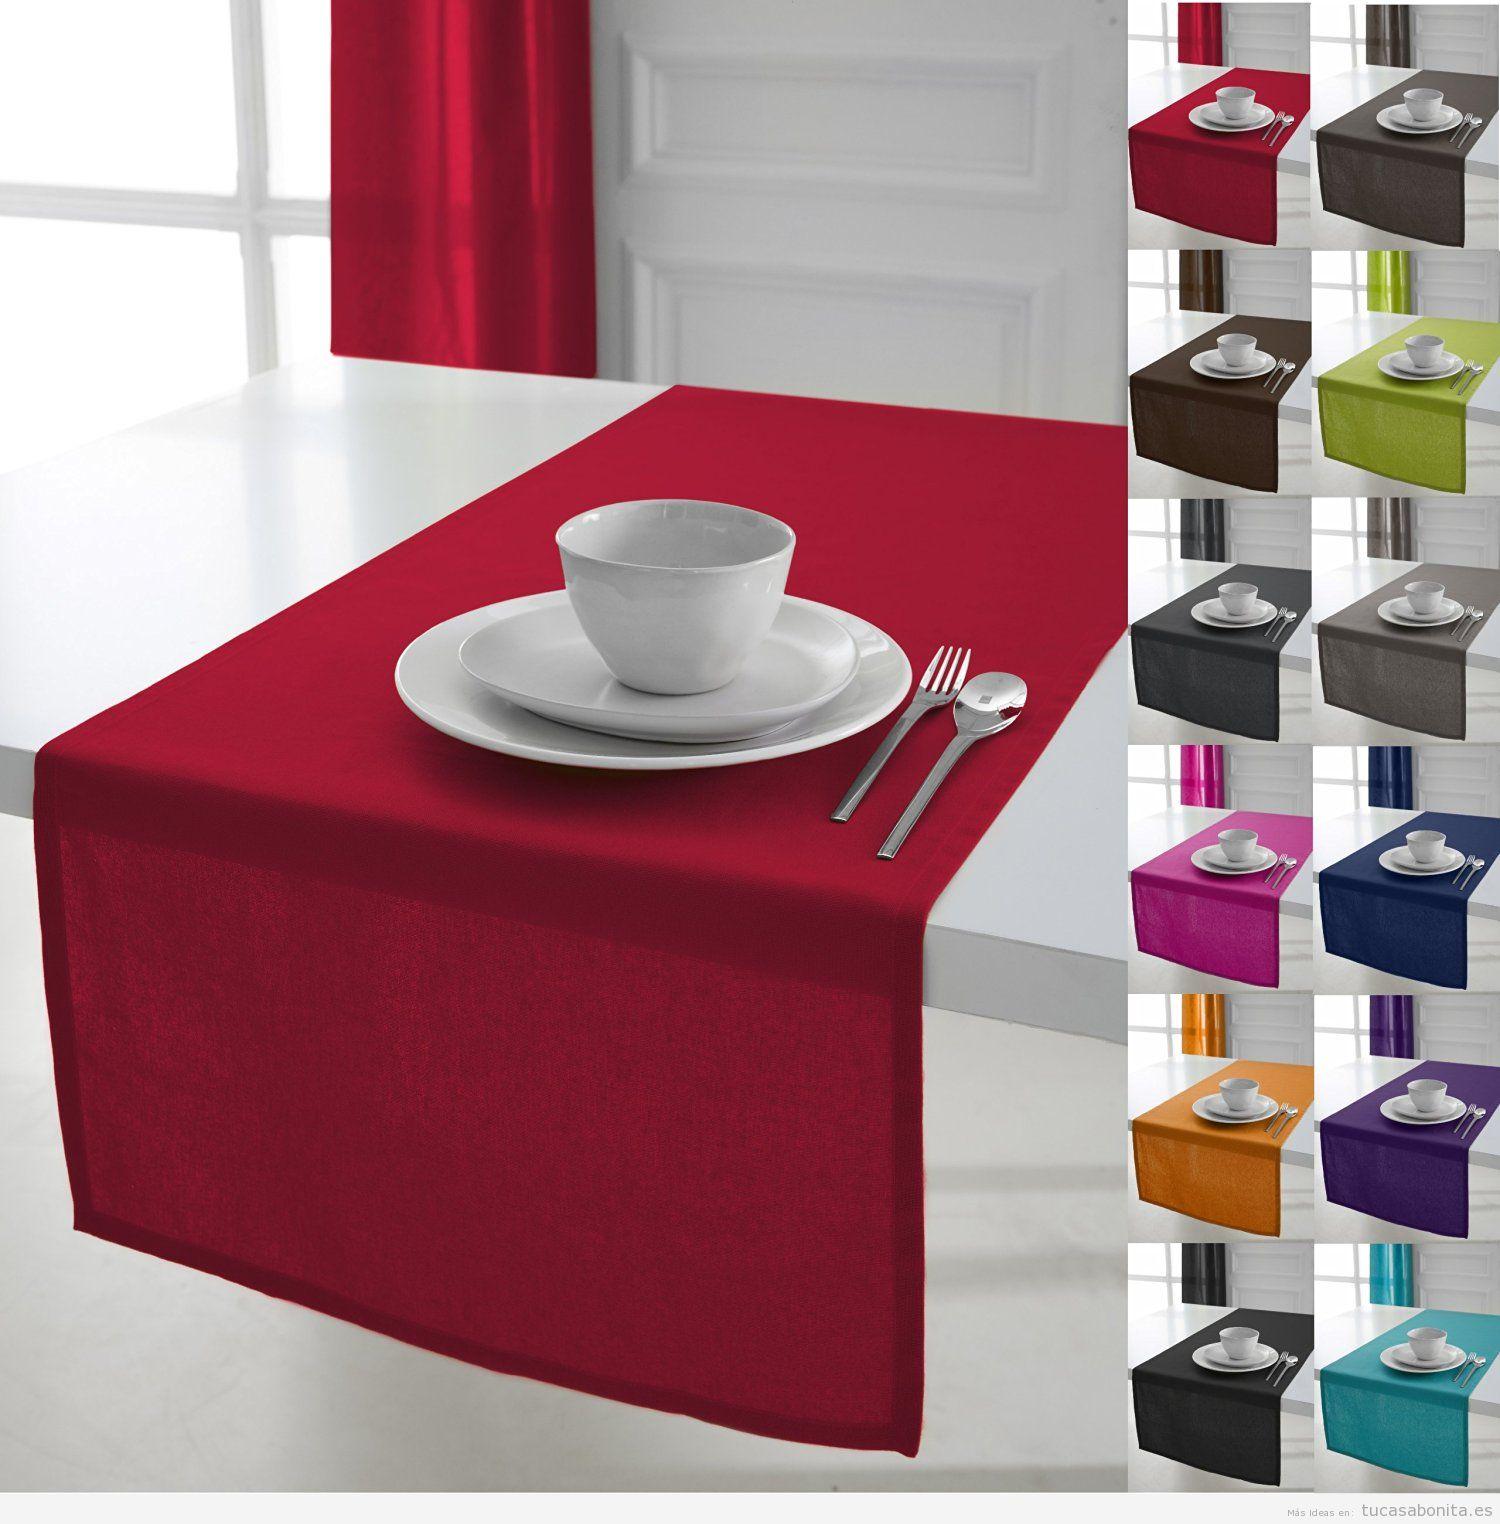 Ideas tu casa bonita ideas para decorar pisos modernos for Caminos de mesa modernos